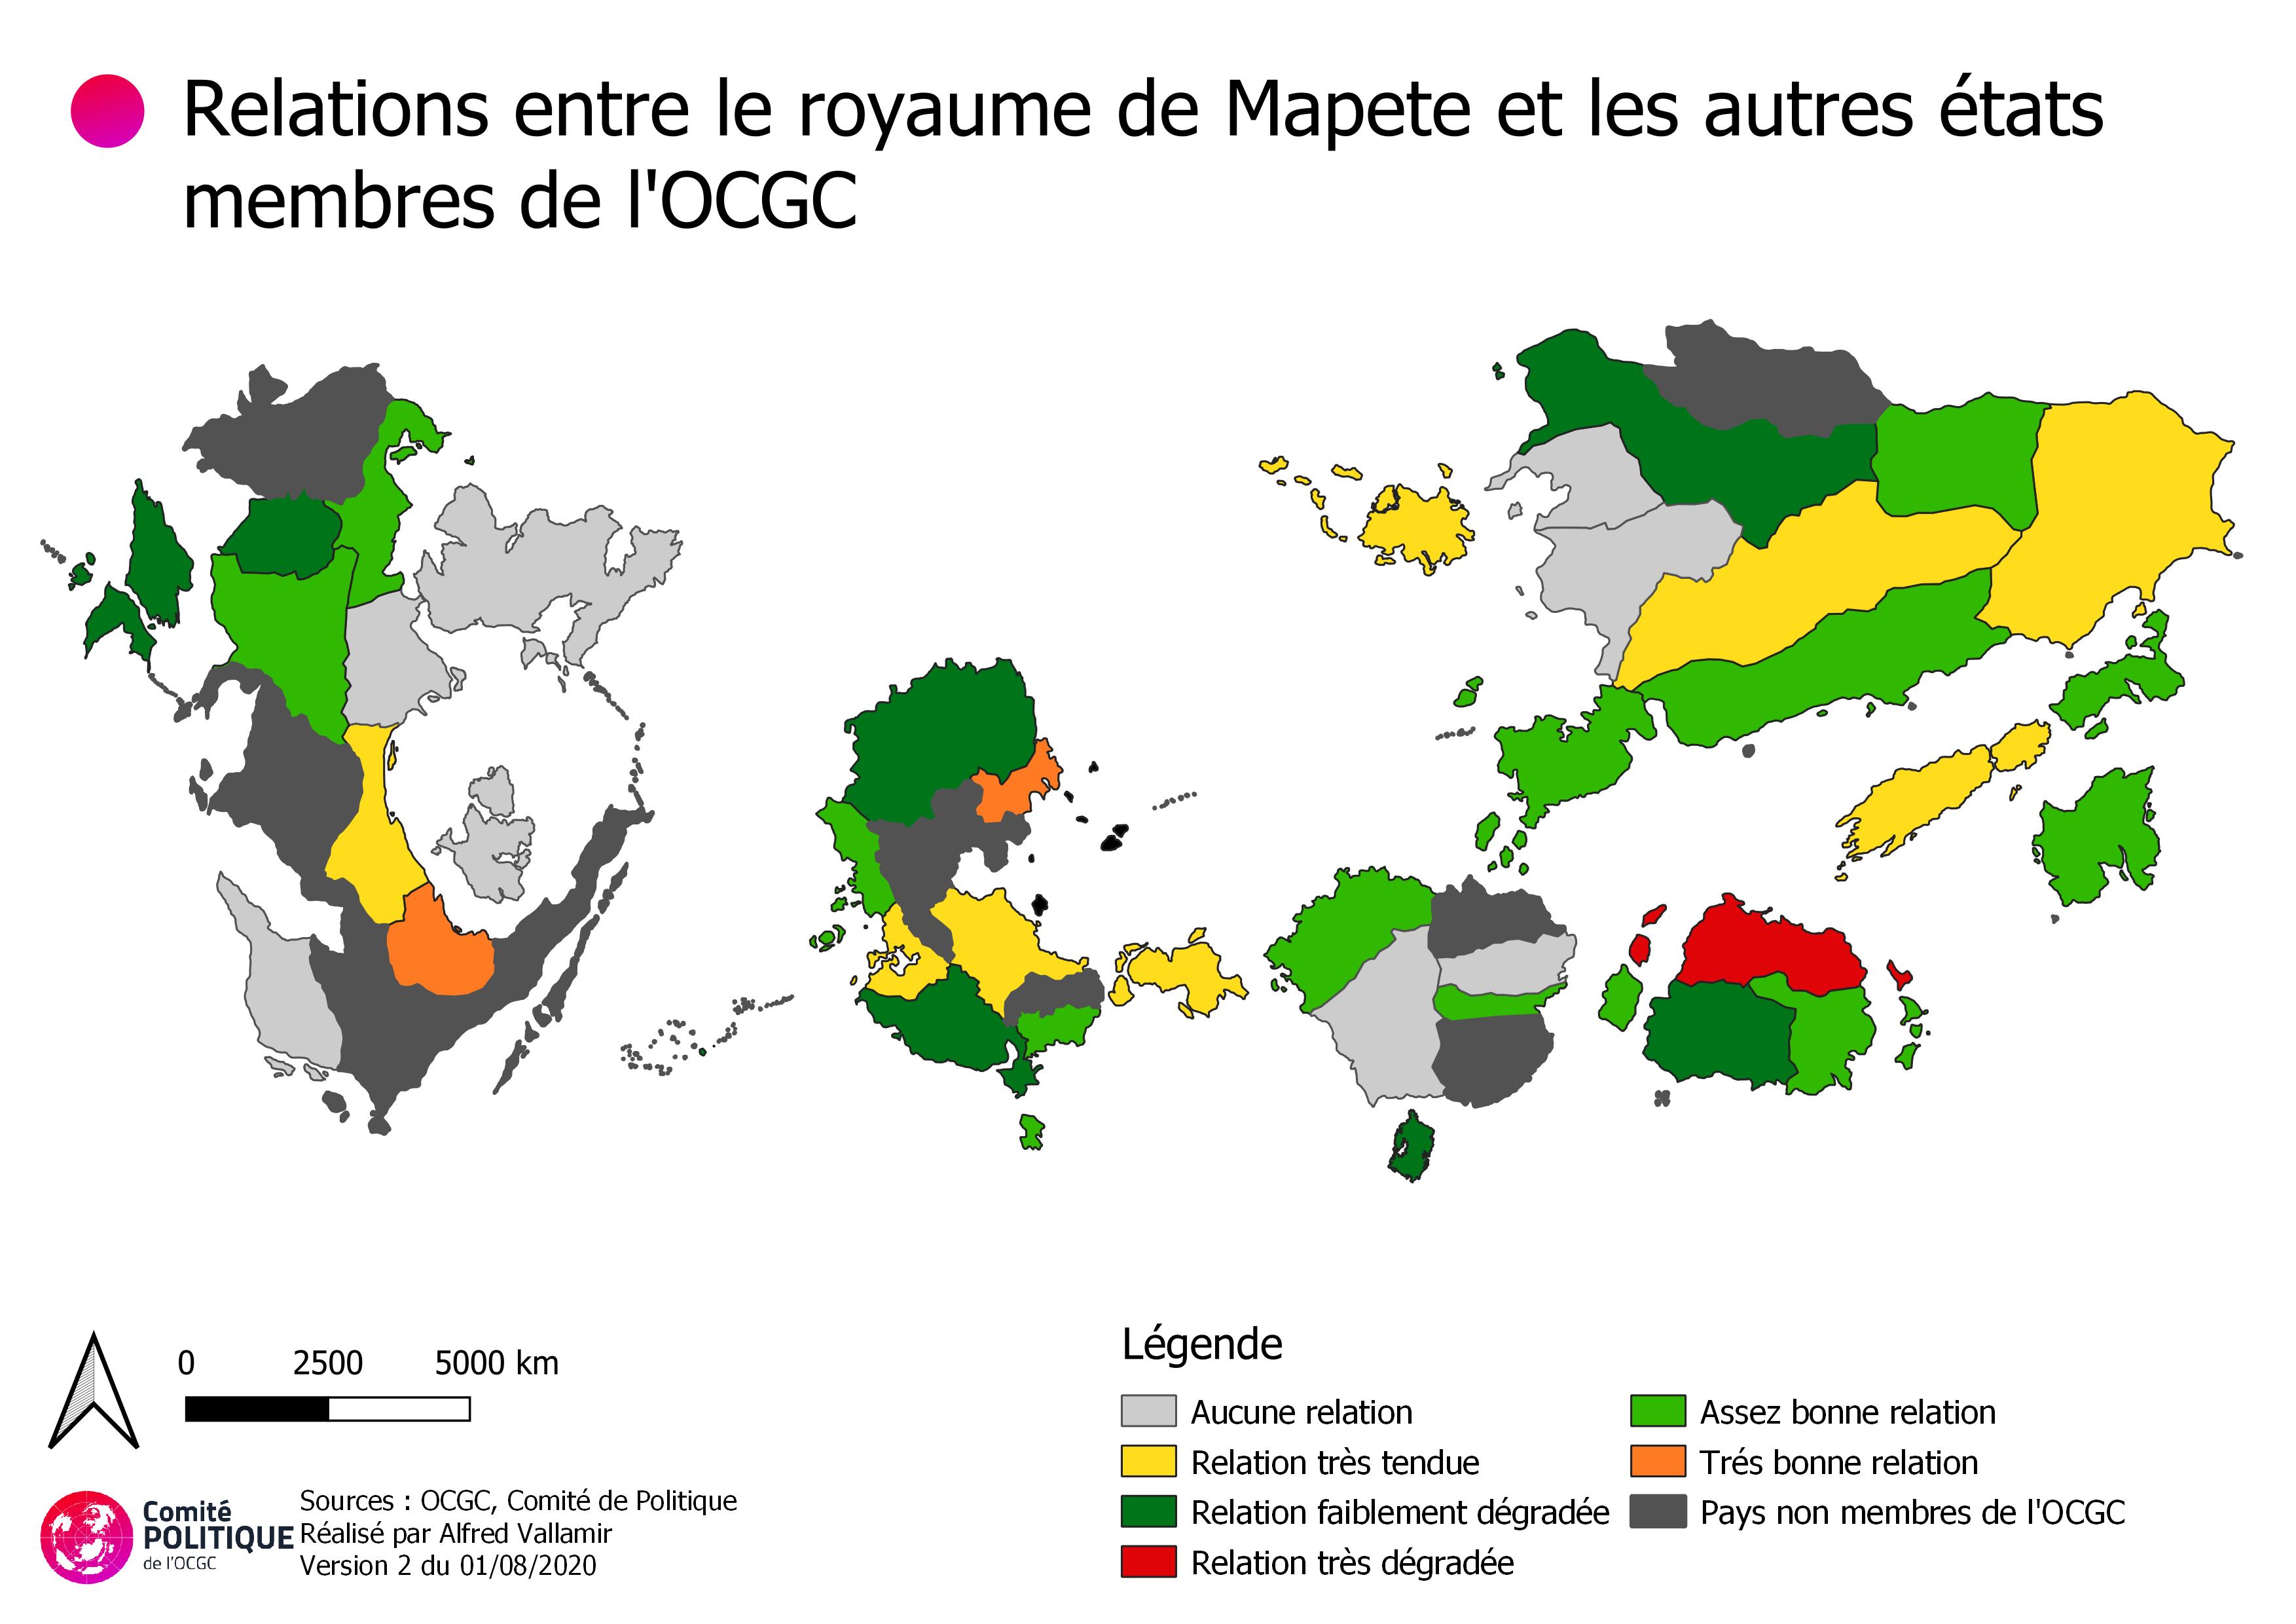 Atlas du comité de politique - 8 nouvelles carte (organisation et relations entre états). - Page 3 ComPol_Rel_Bil_Mapete